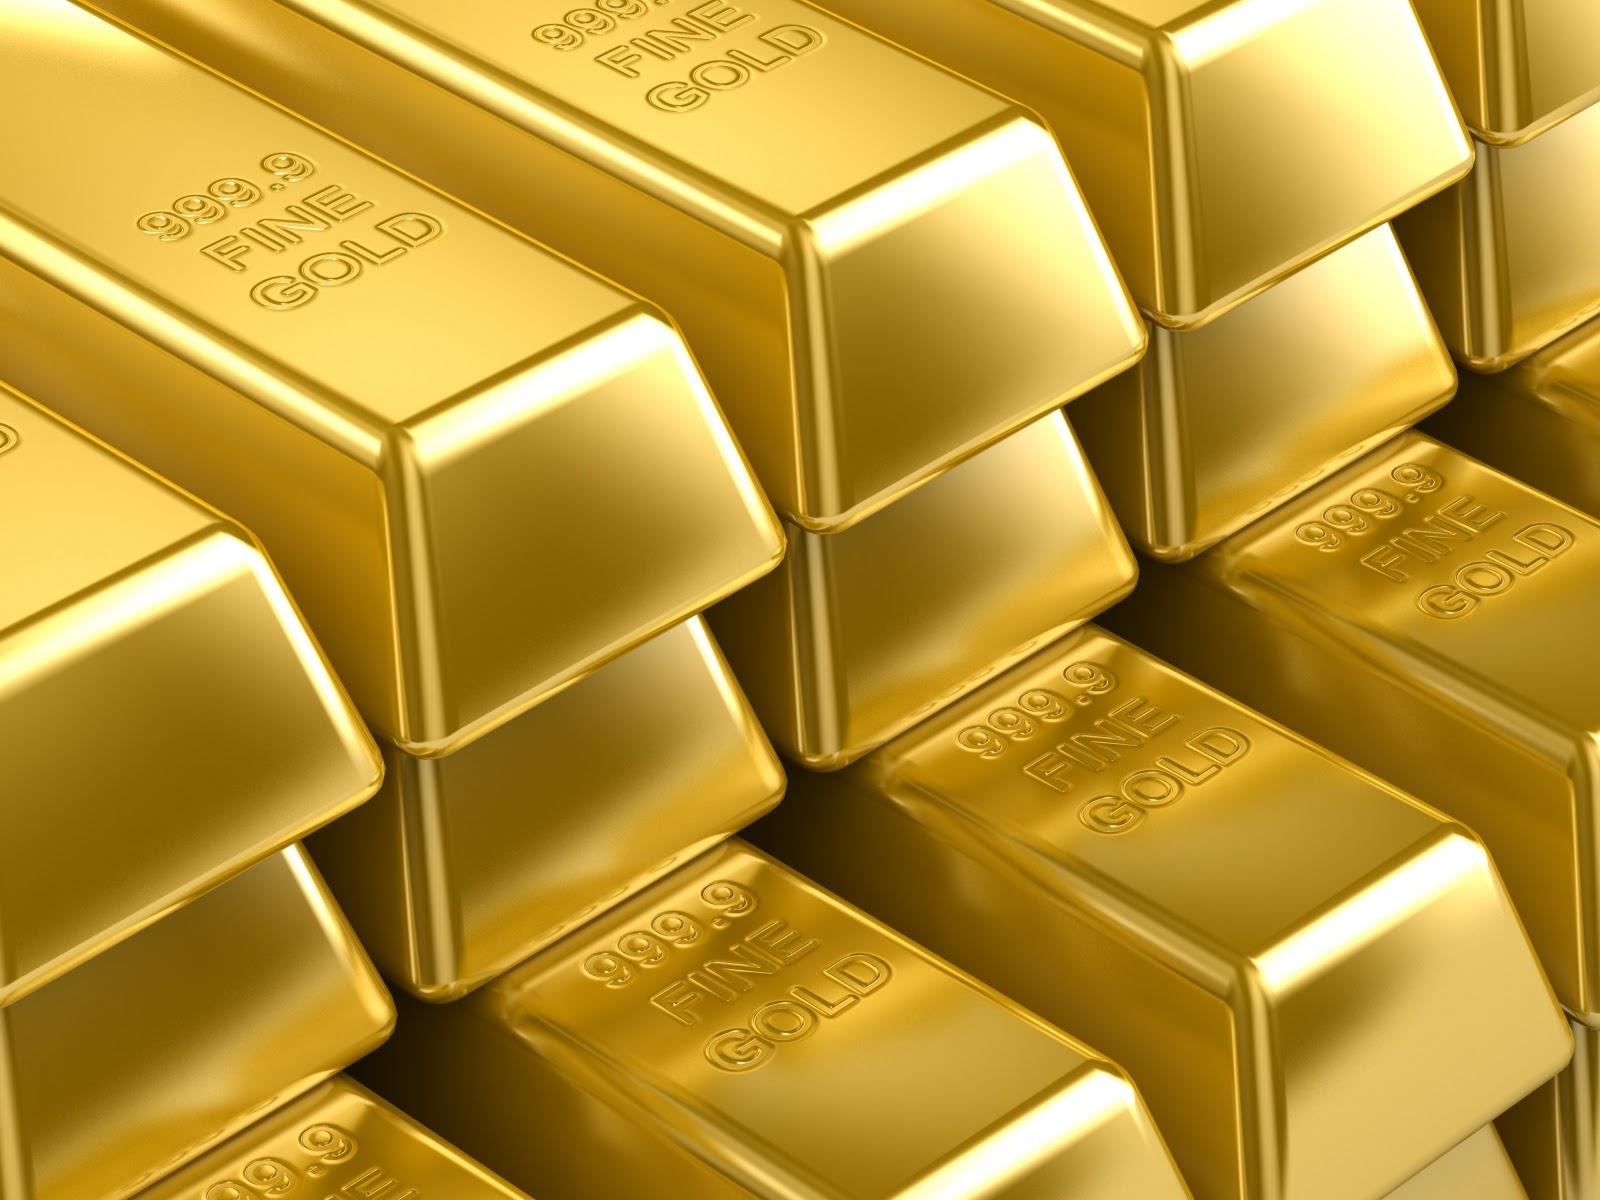 أكبر هبوط أسبوعي للذهب في 4 أشهر مع توقعات رفع الفائدة